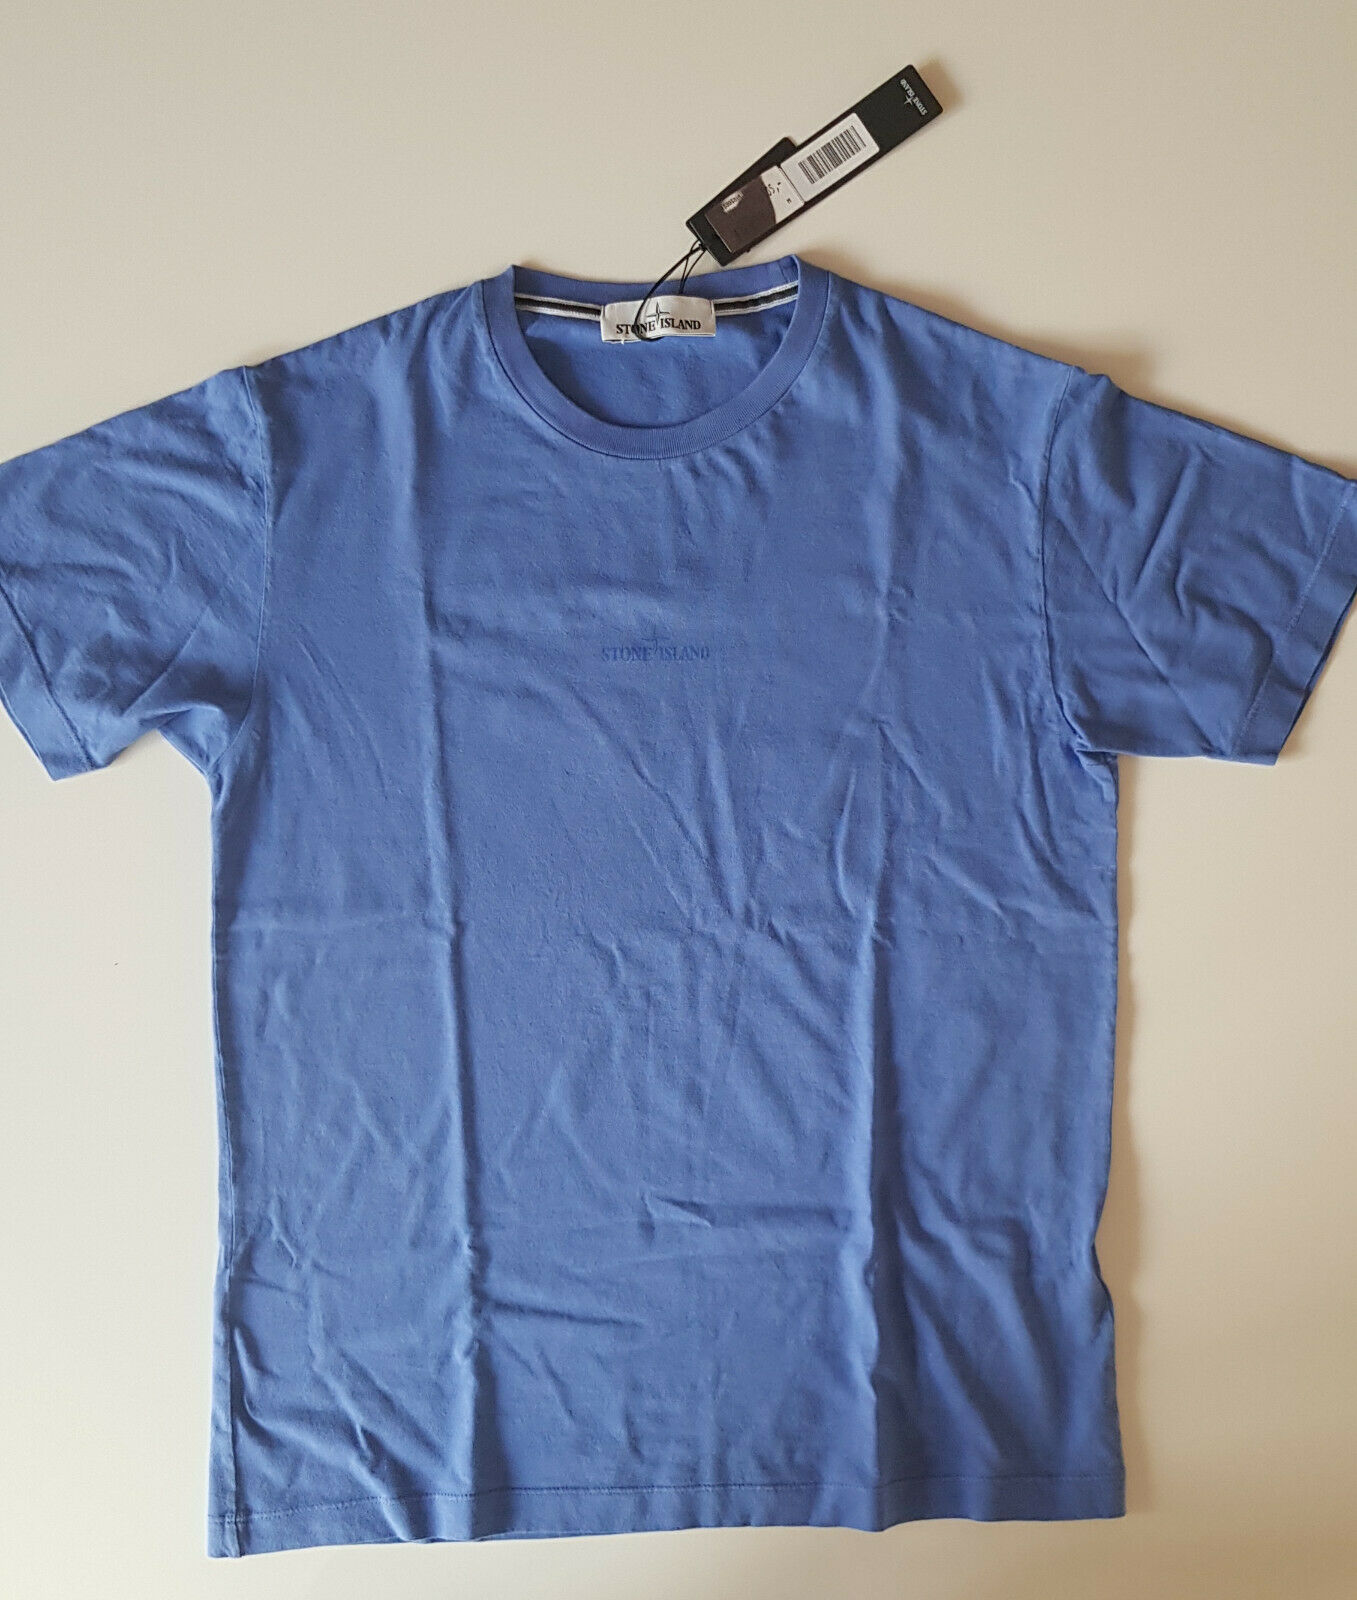 STONE ISLAND T-hemd, neu und ungetragen, kurzarm, blau